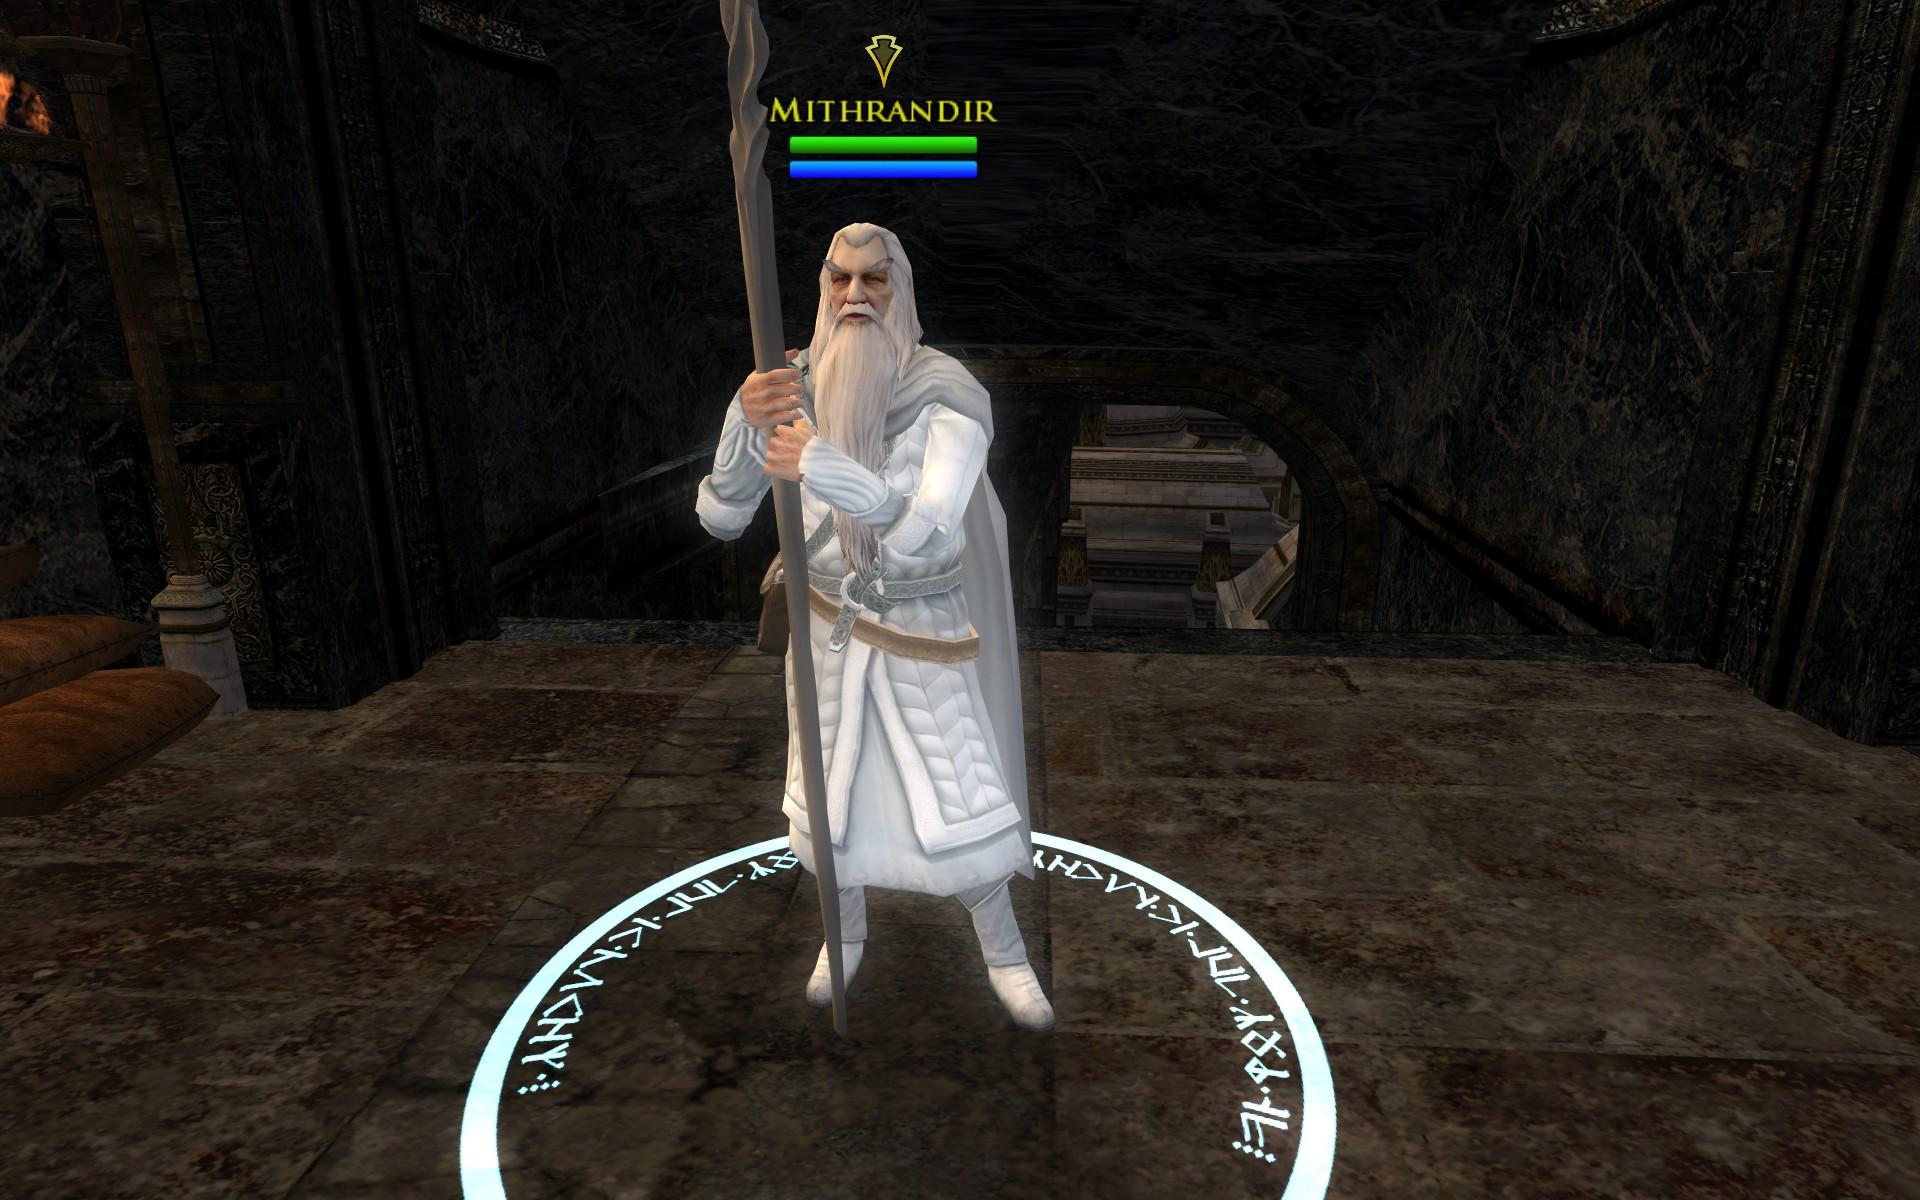 『ロード・オブ・ザ・リングス オンライン』におけるミスランディア(白のガンダルフ)